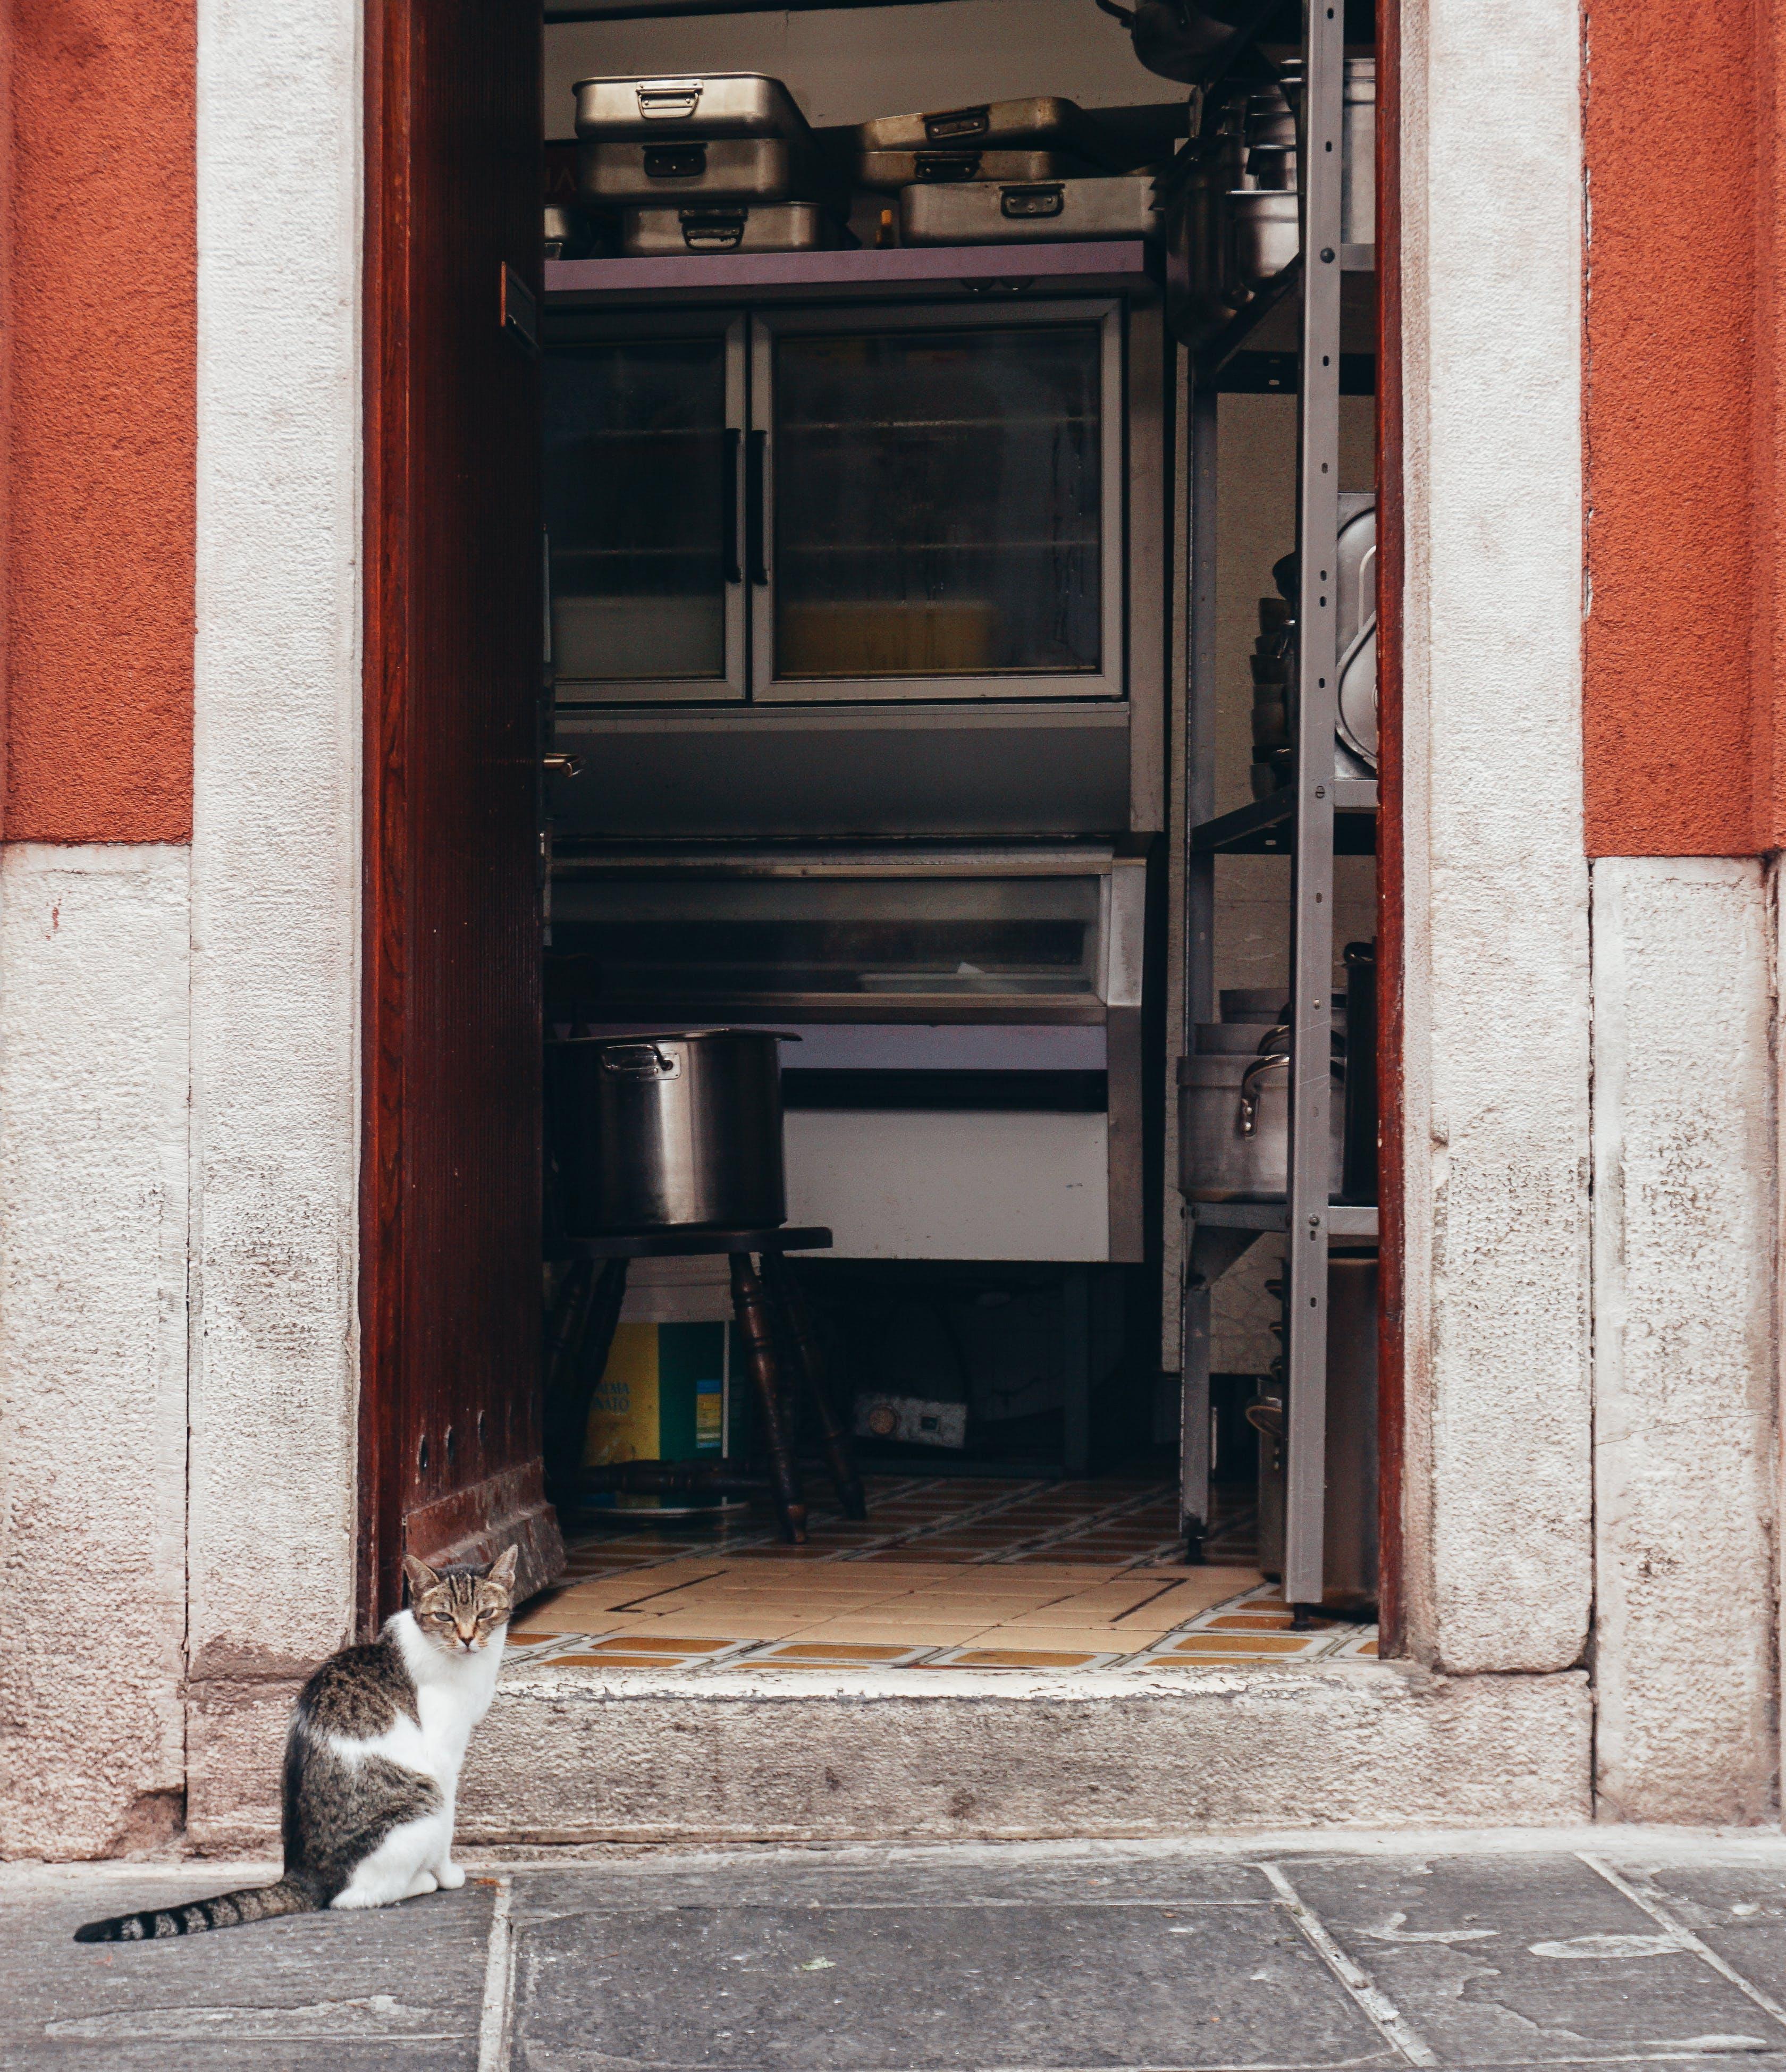 Free stock photo of city, waiting, kitchen, kitten